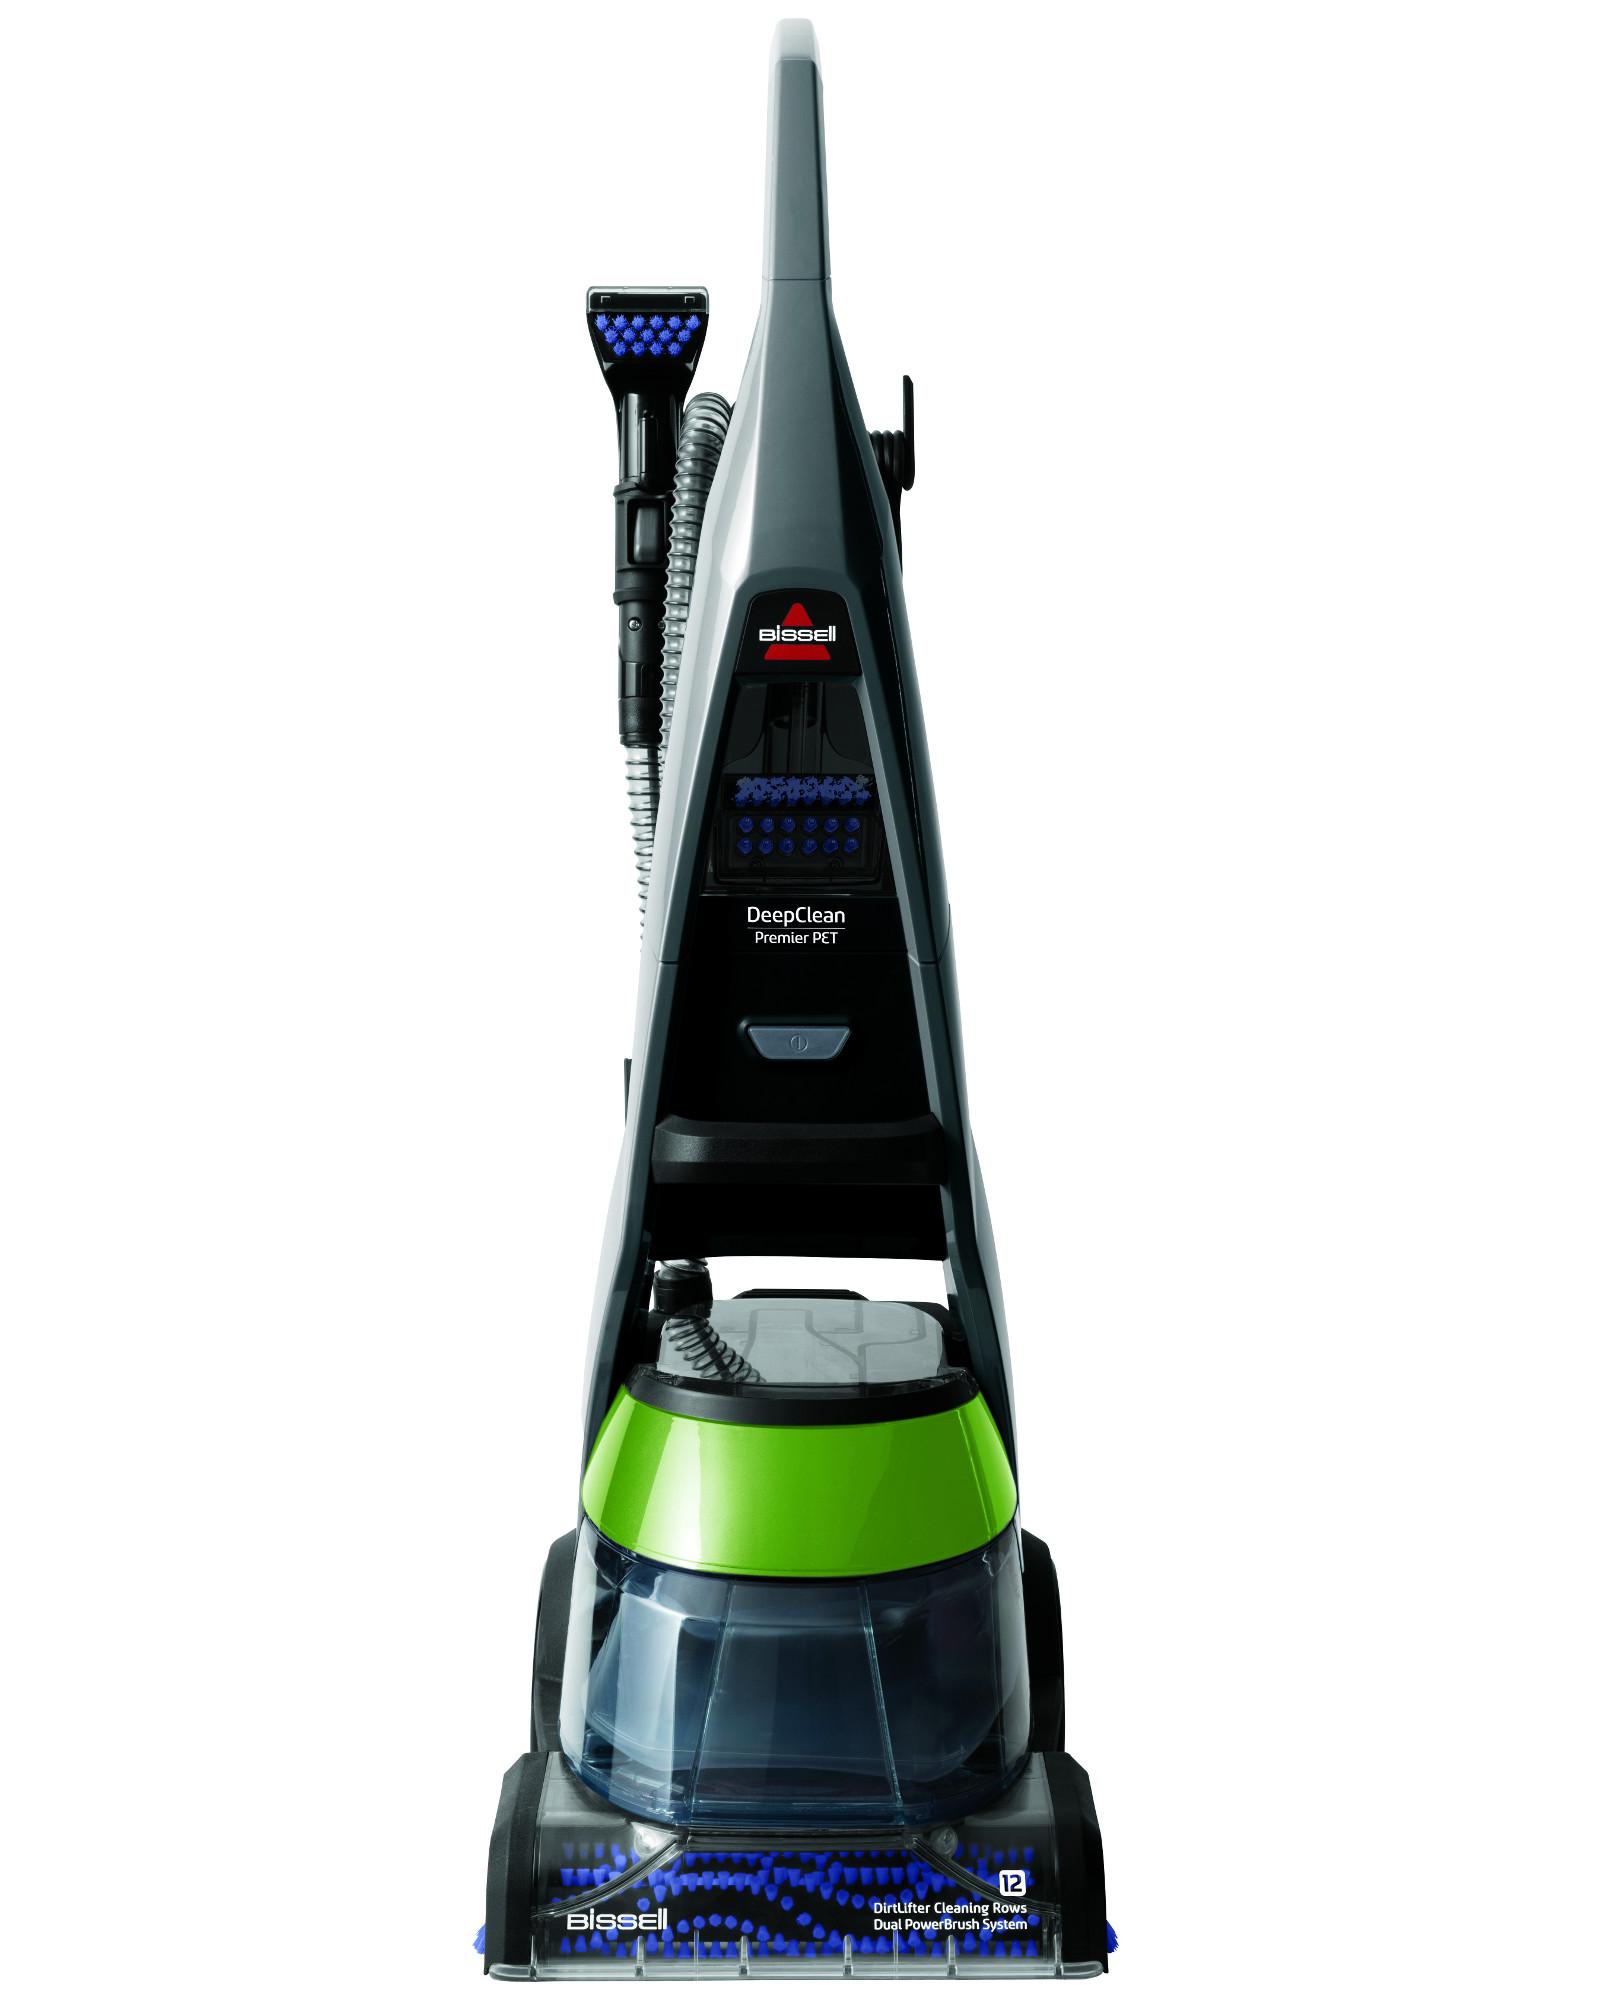 Bissell DeepClean Premier® Pet Carpet Cleaner